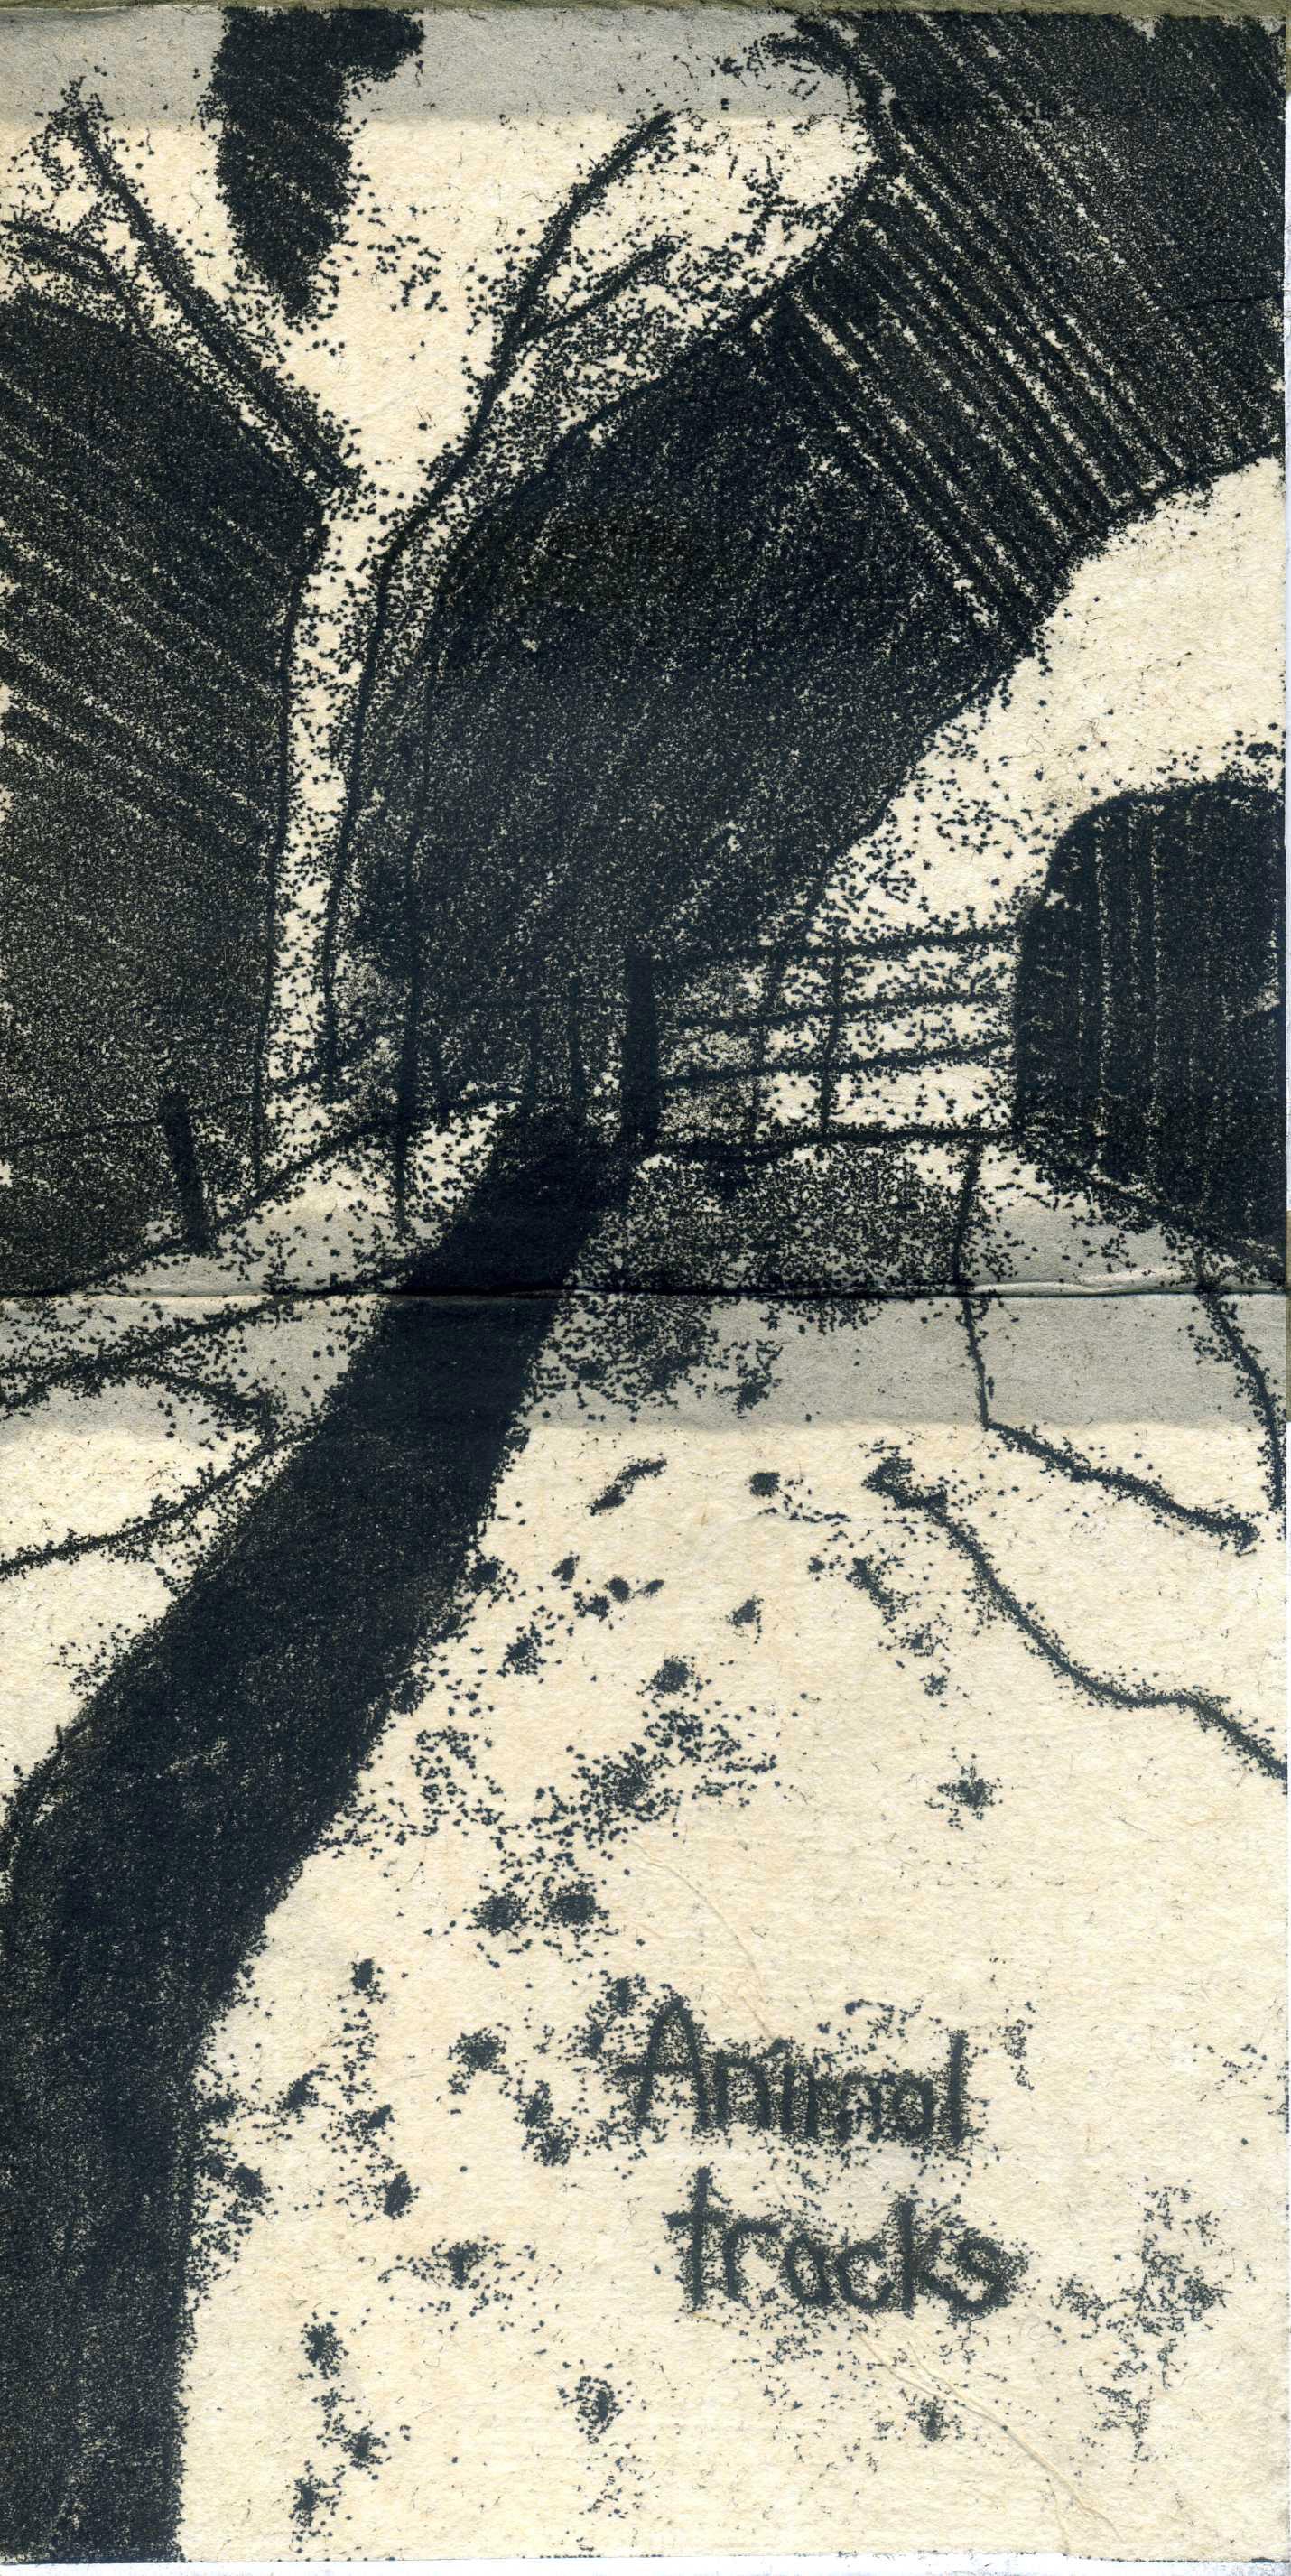 wendy-dison-Christies-Field-2012-detail-5.jpg